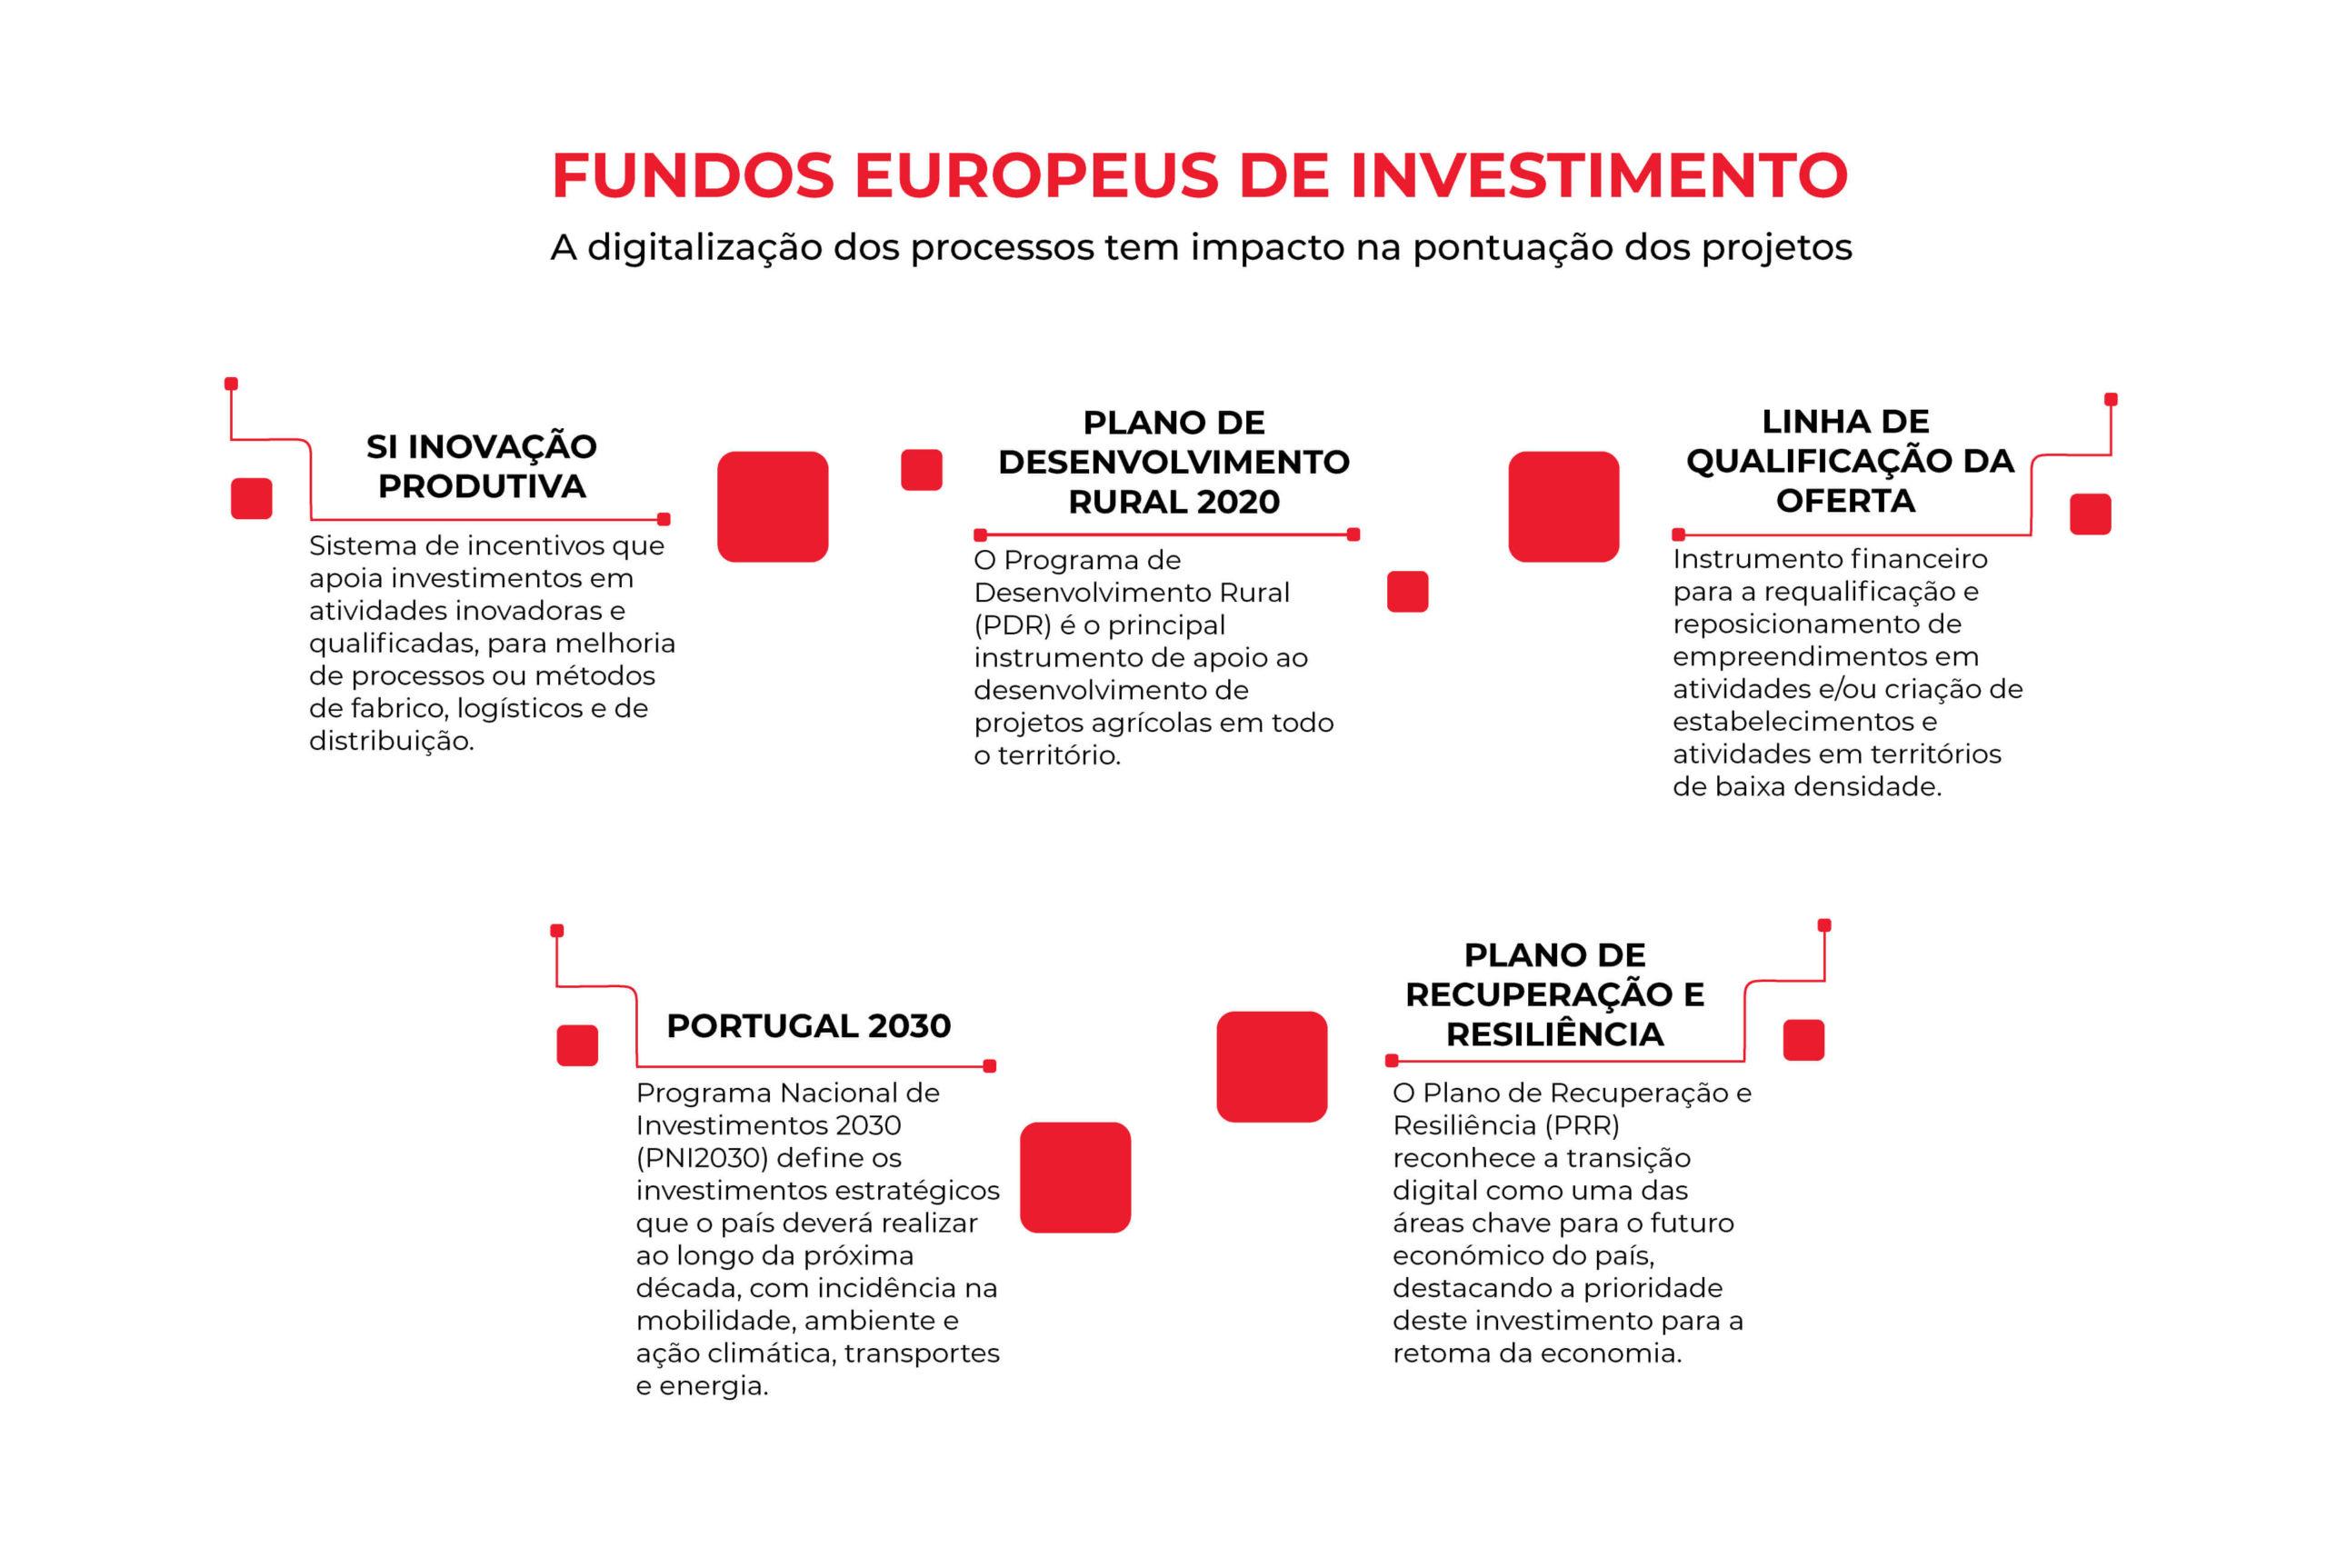 Infografia sobre os fundos europeus de investimento para portugal